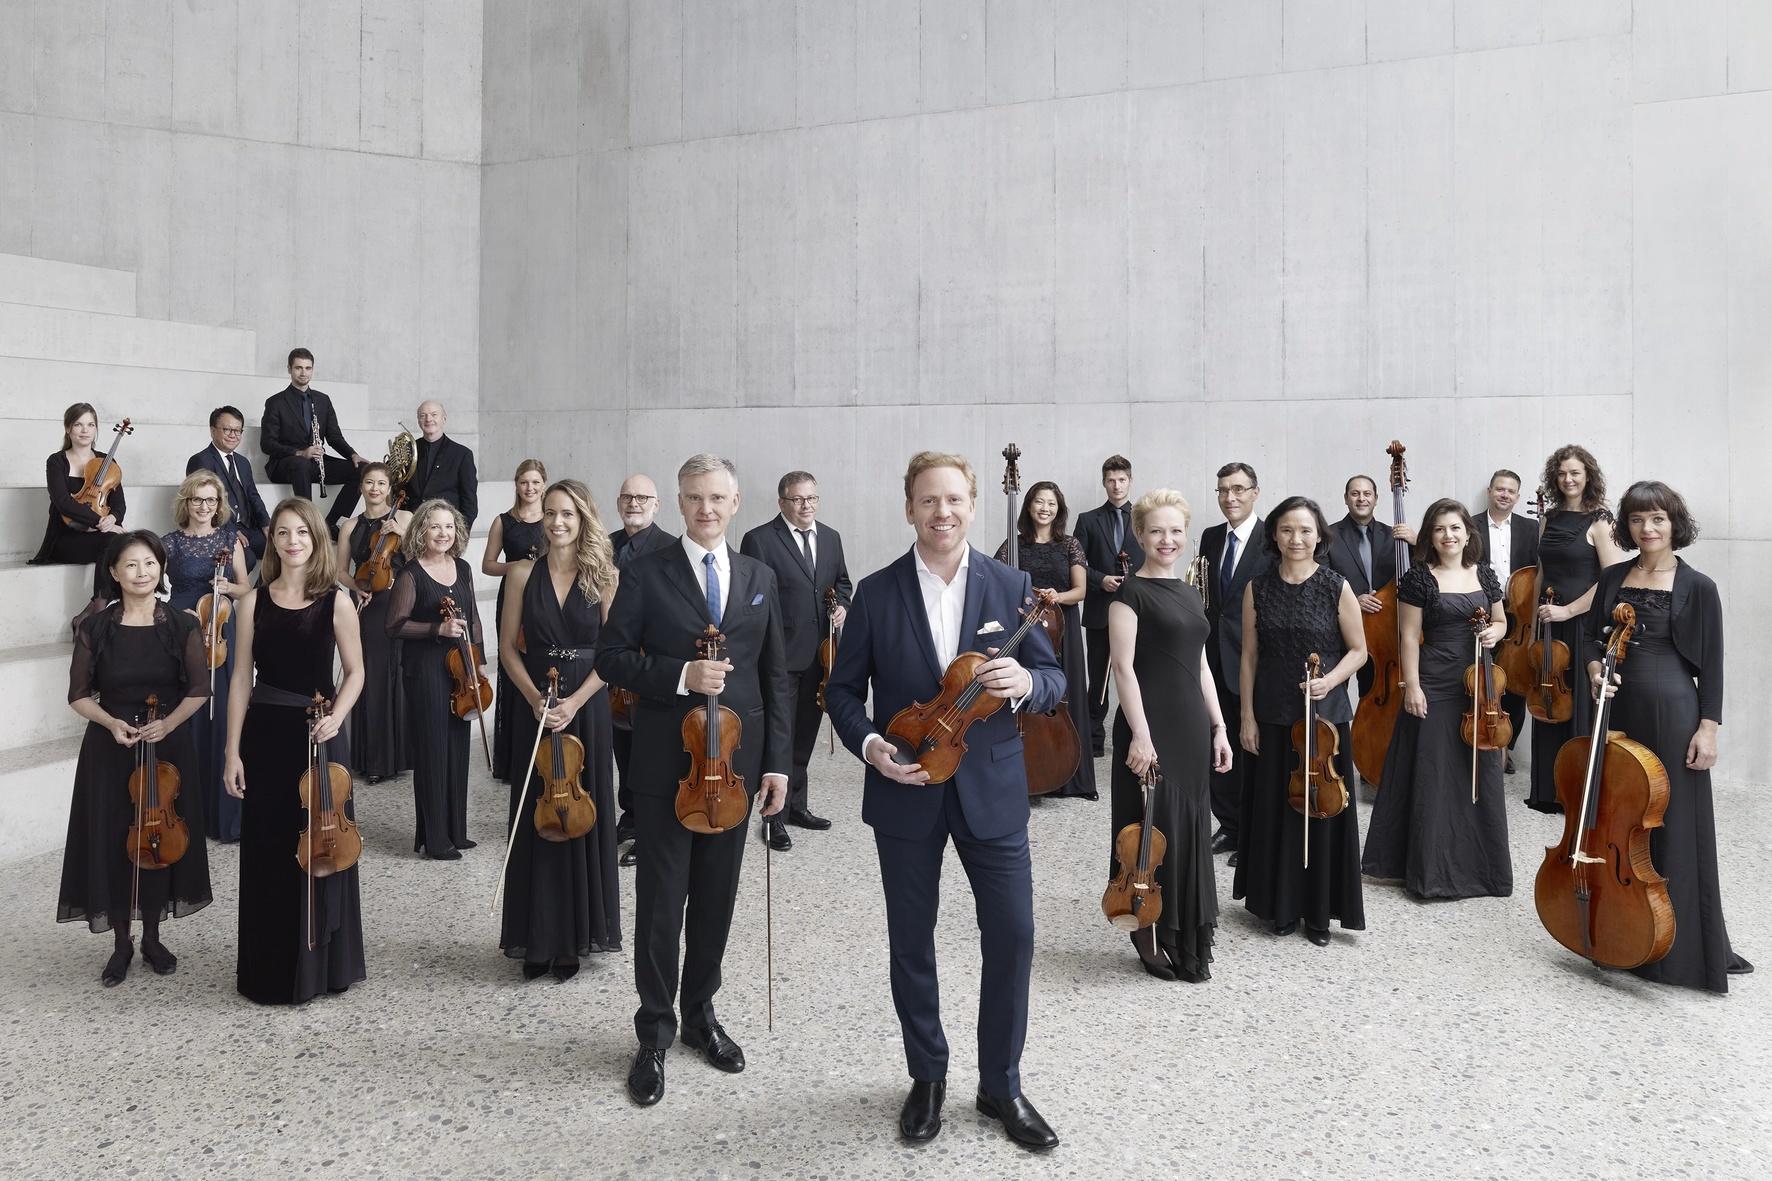 Цюрихский-камерный-оркестр-_Даниэль-Хоуп